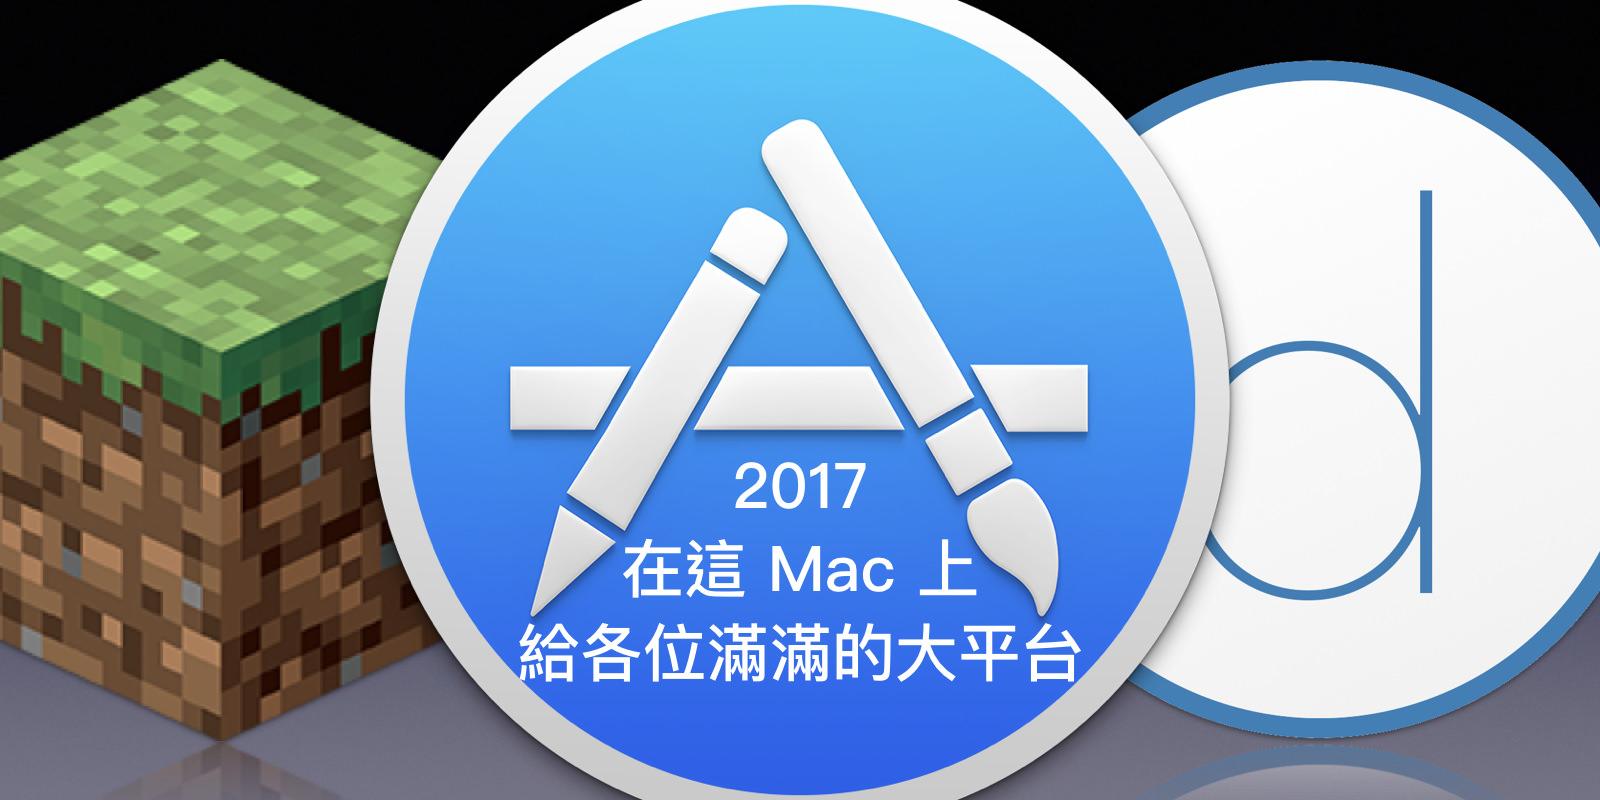 2017 年就是要給你 Mac 滿滿的大平台!實用 Mac App 推薦下載!